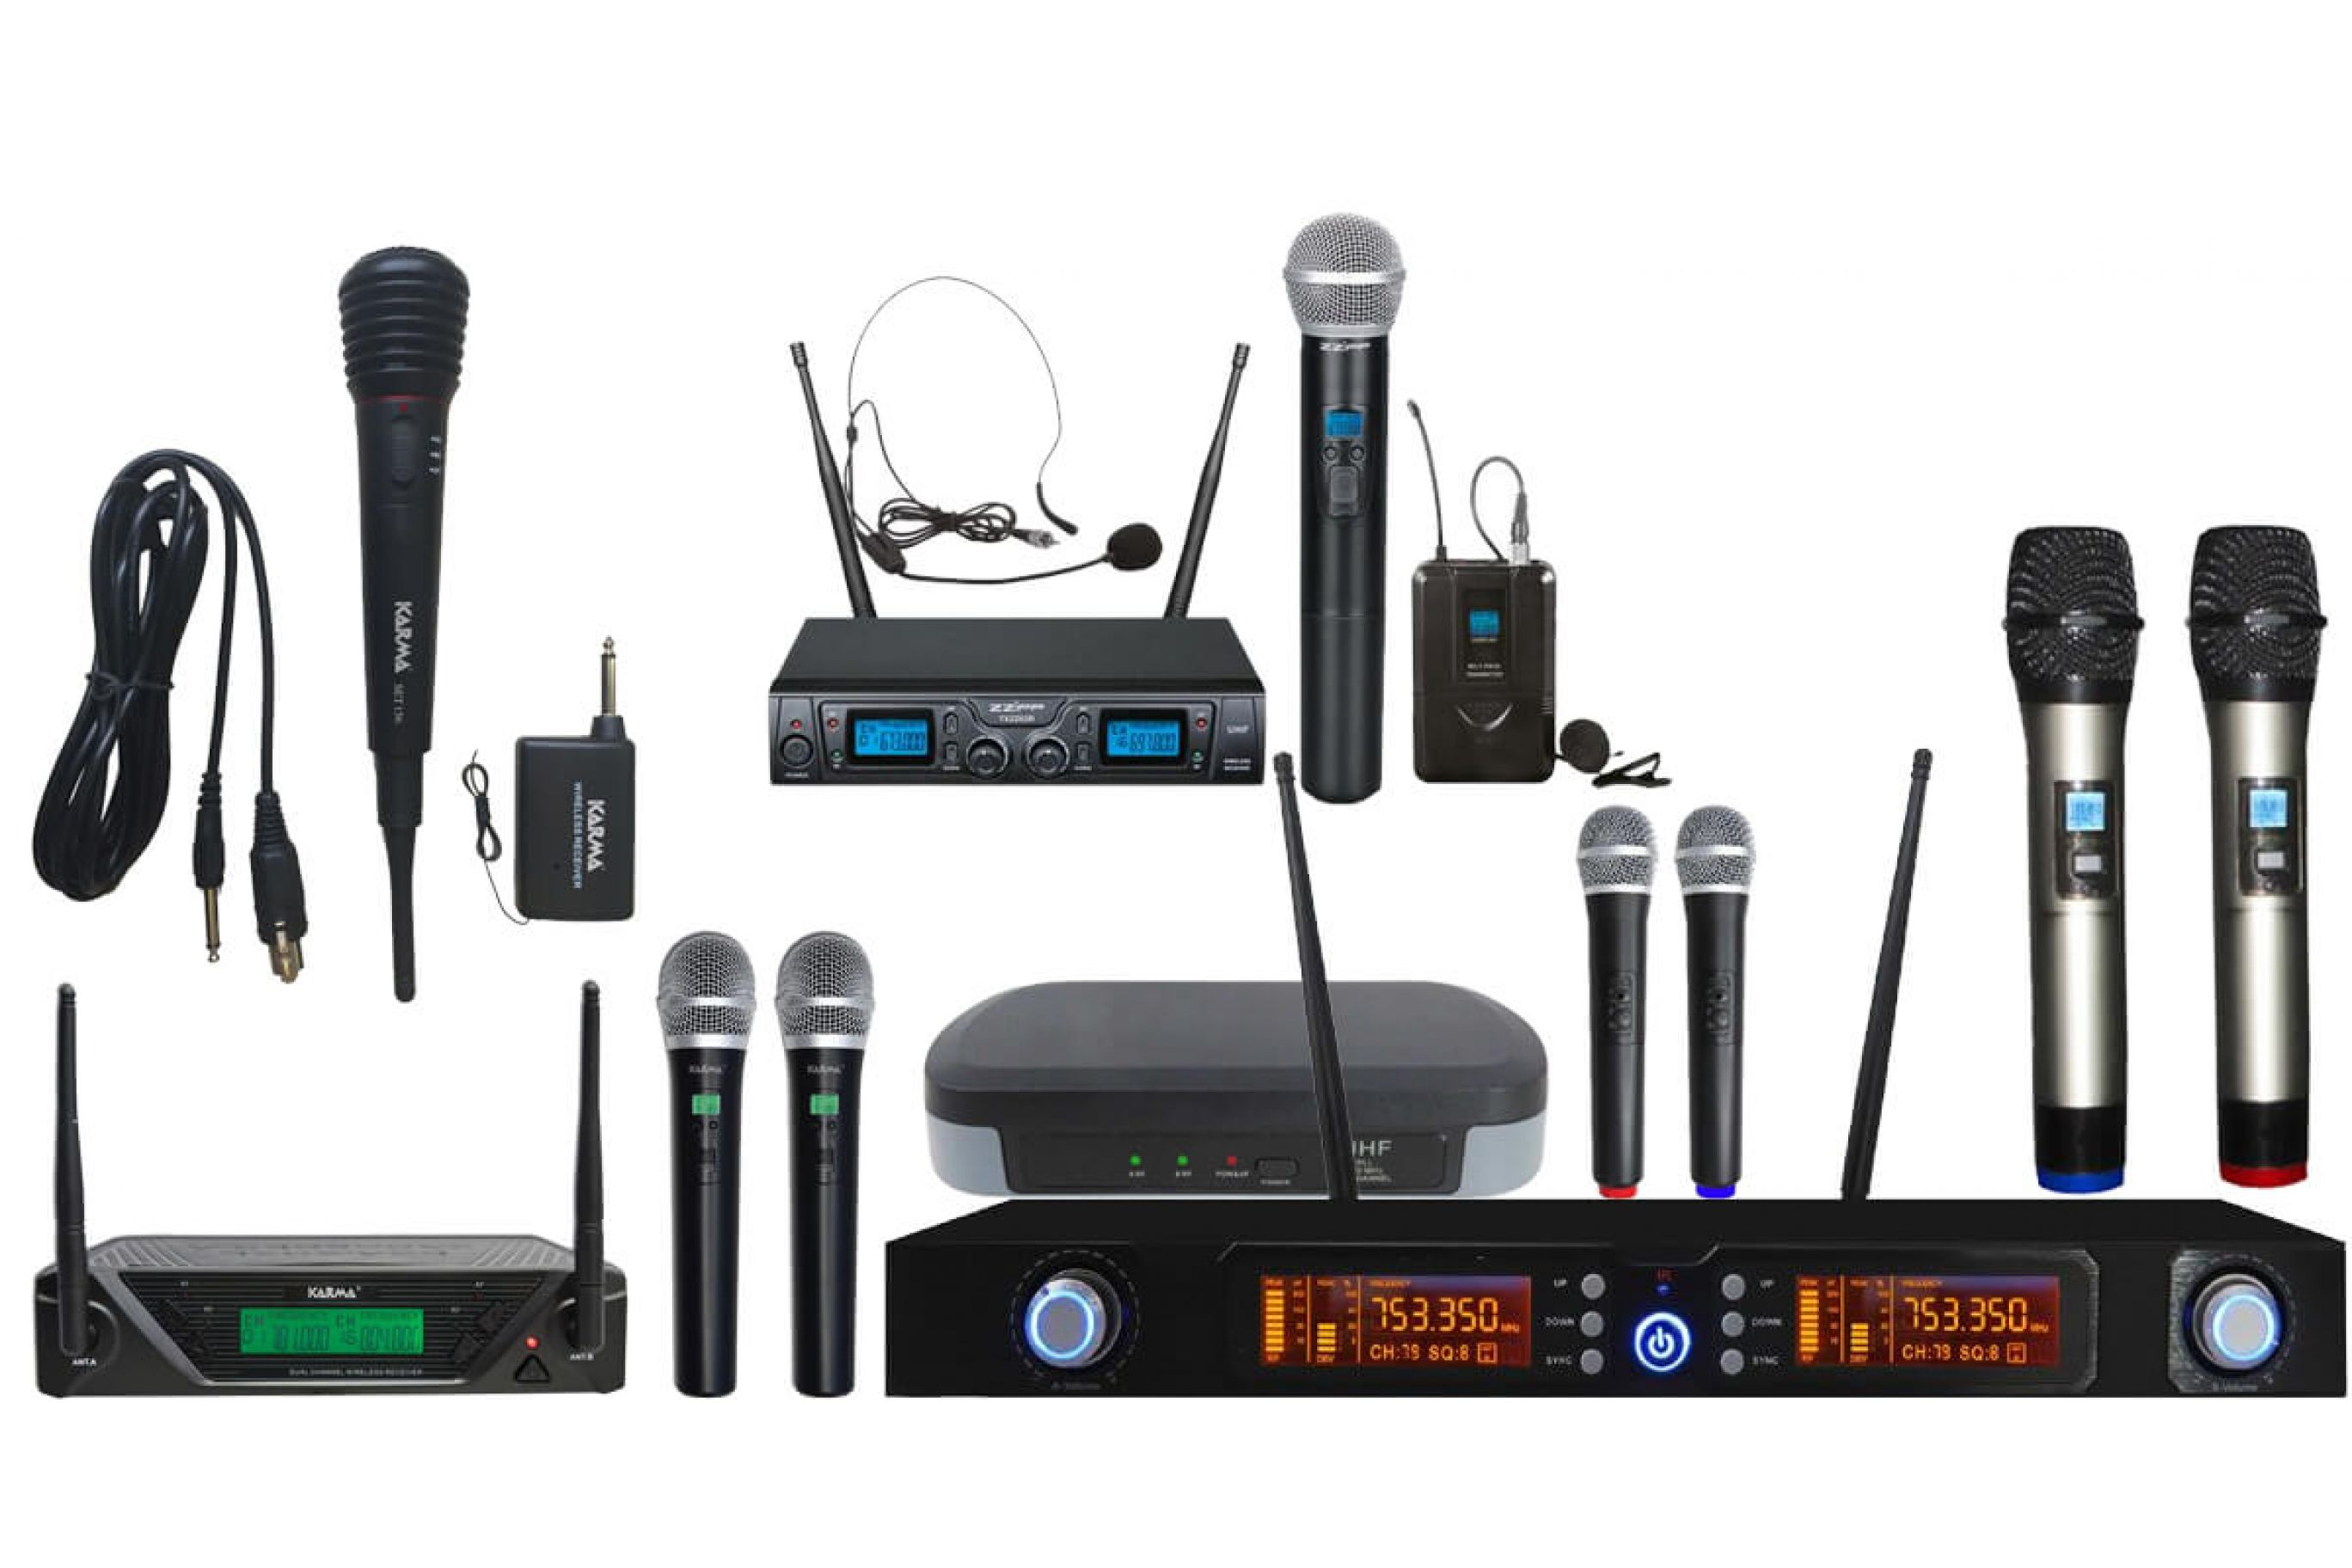 I 10 Migliori Microfoni Senza Fili Wireless Economici 2020